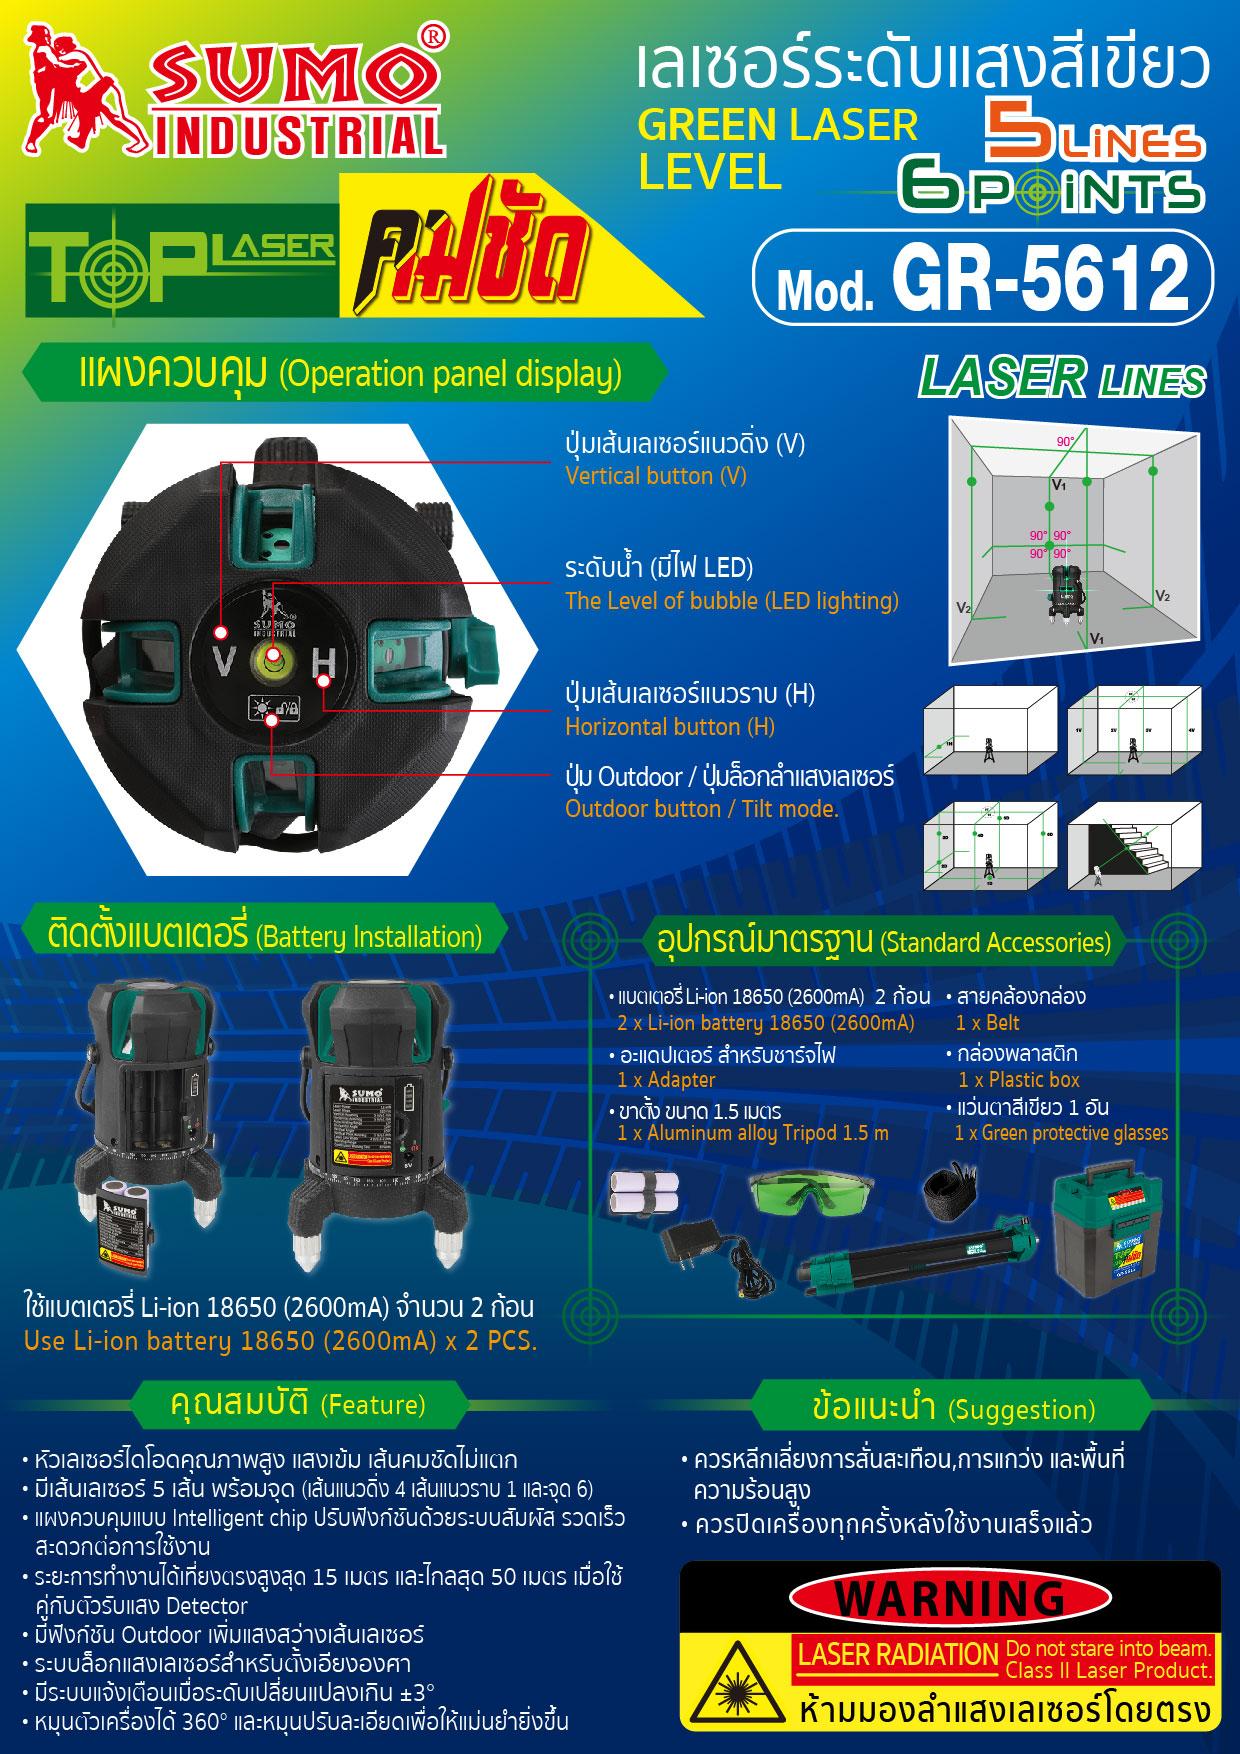 (4/36) เลเซอร์ระดับแสงสีเขียว GR-5612